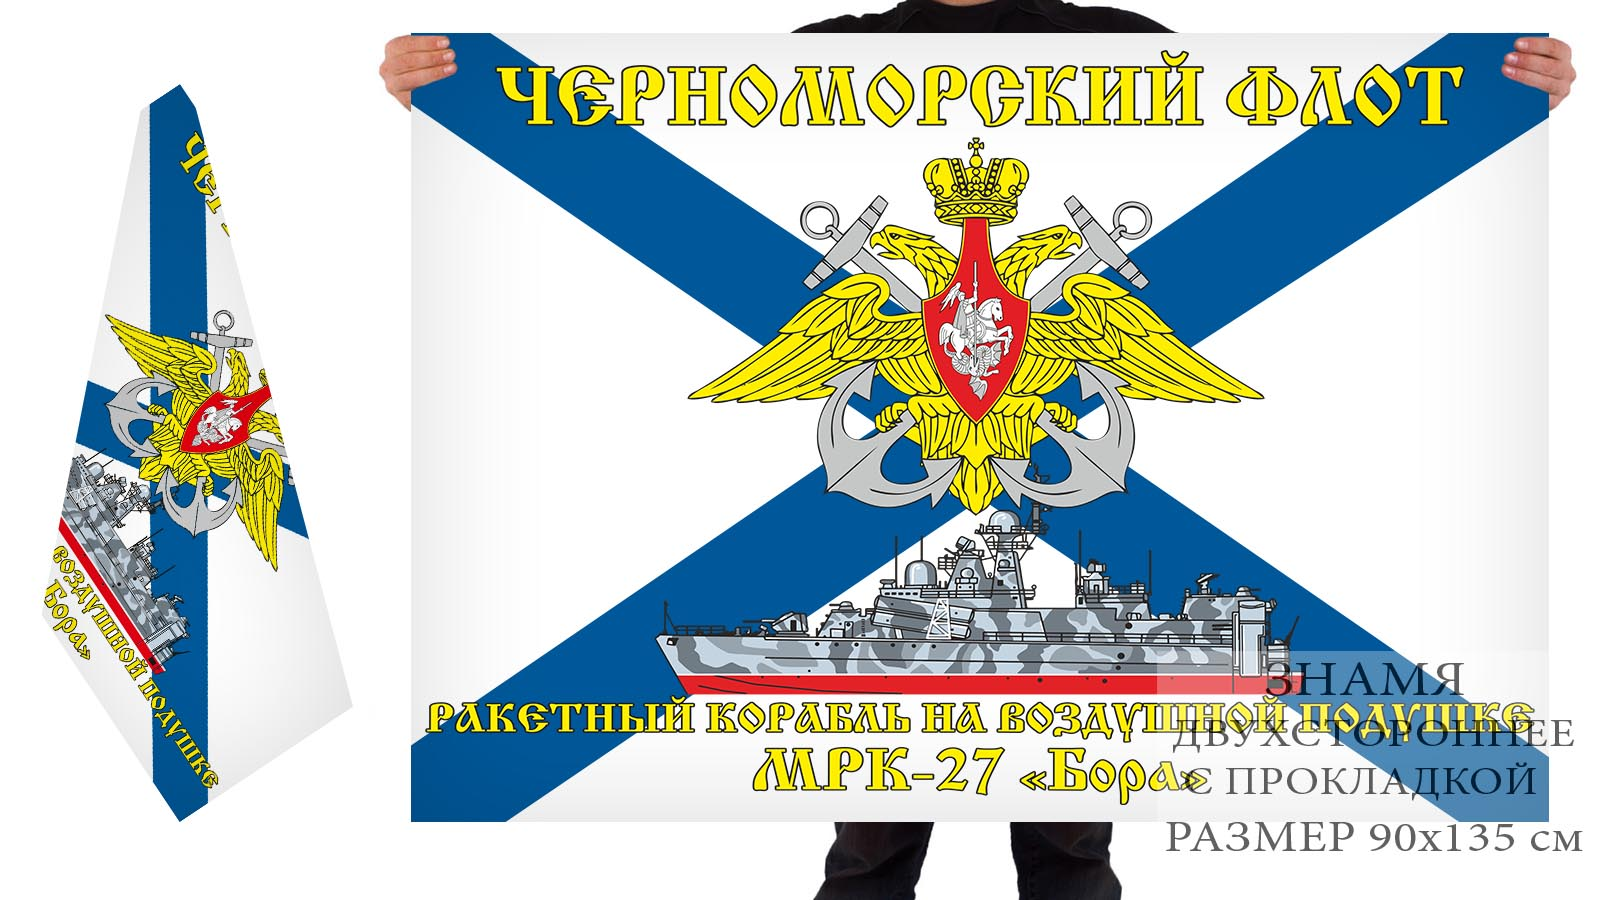 """Двусторонний флаг ракетного корабля на воздушной подушке МРК-27 """"Бора"""""""